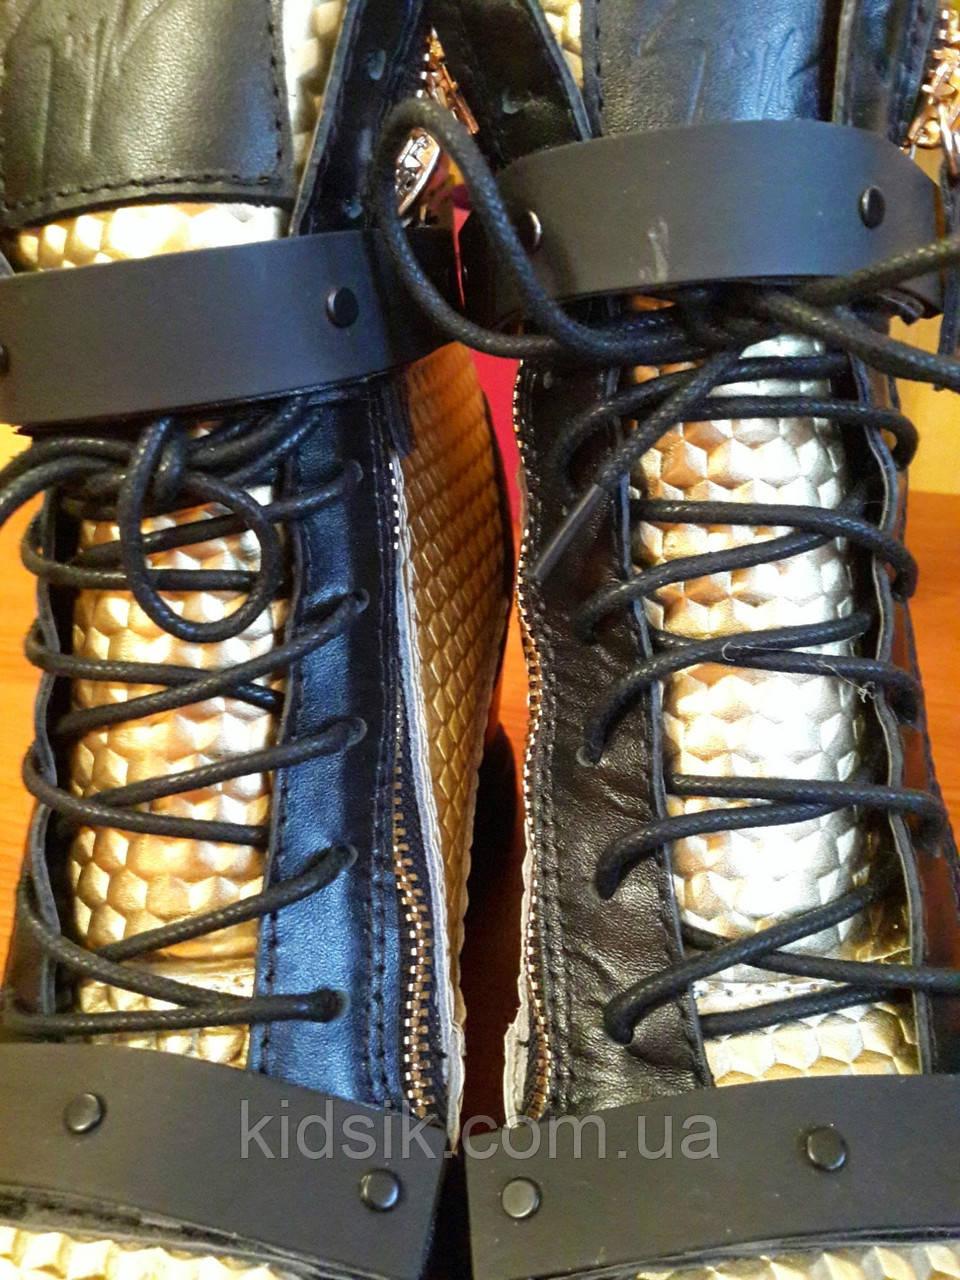 Обувь от Джузеппе Занотти рекомендации